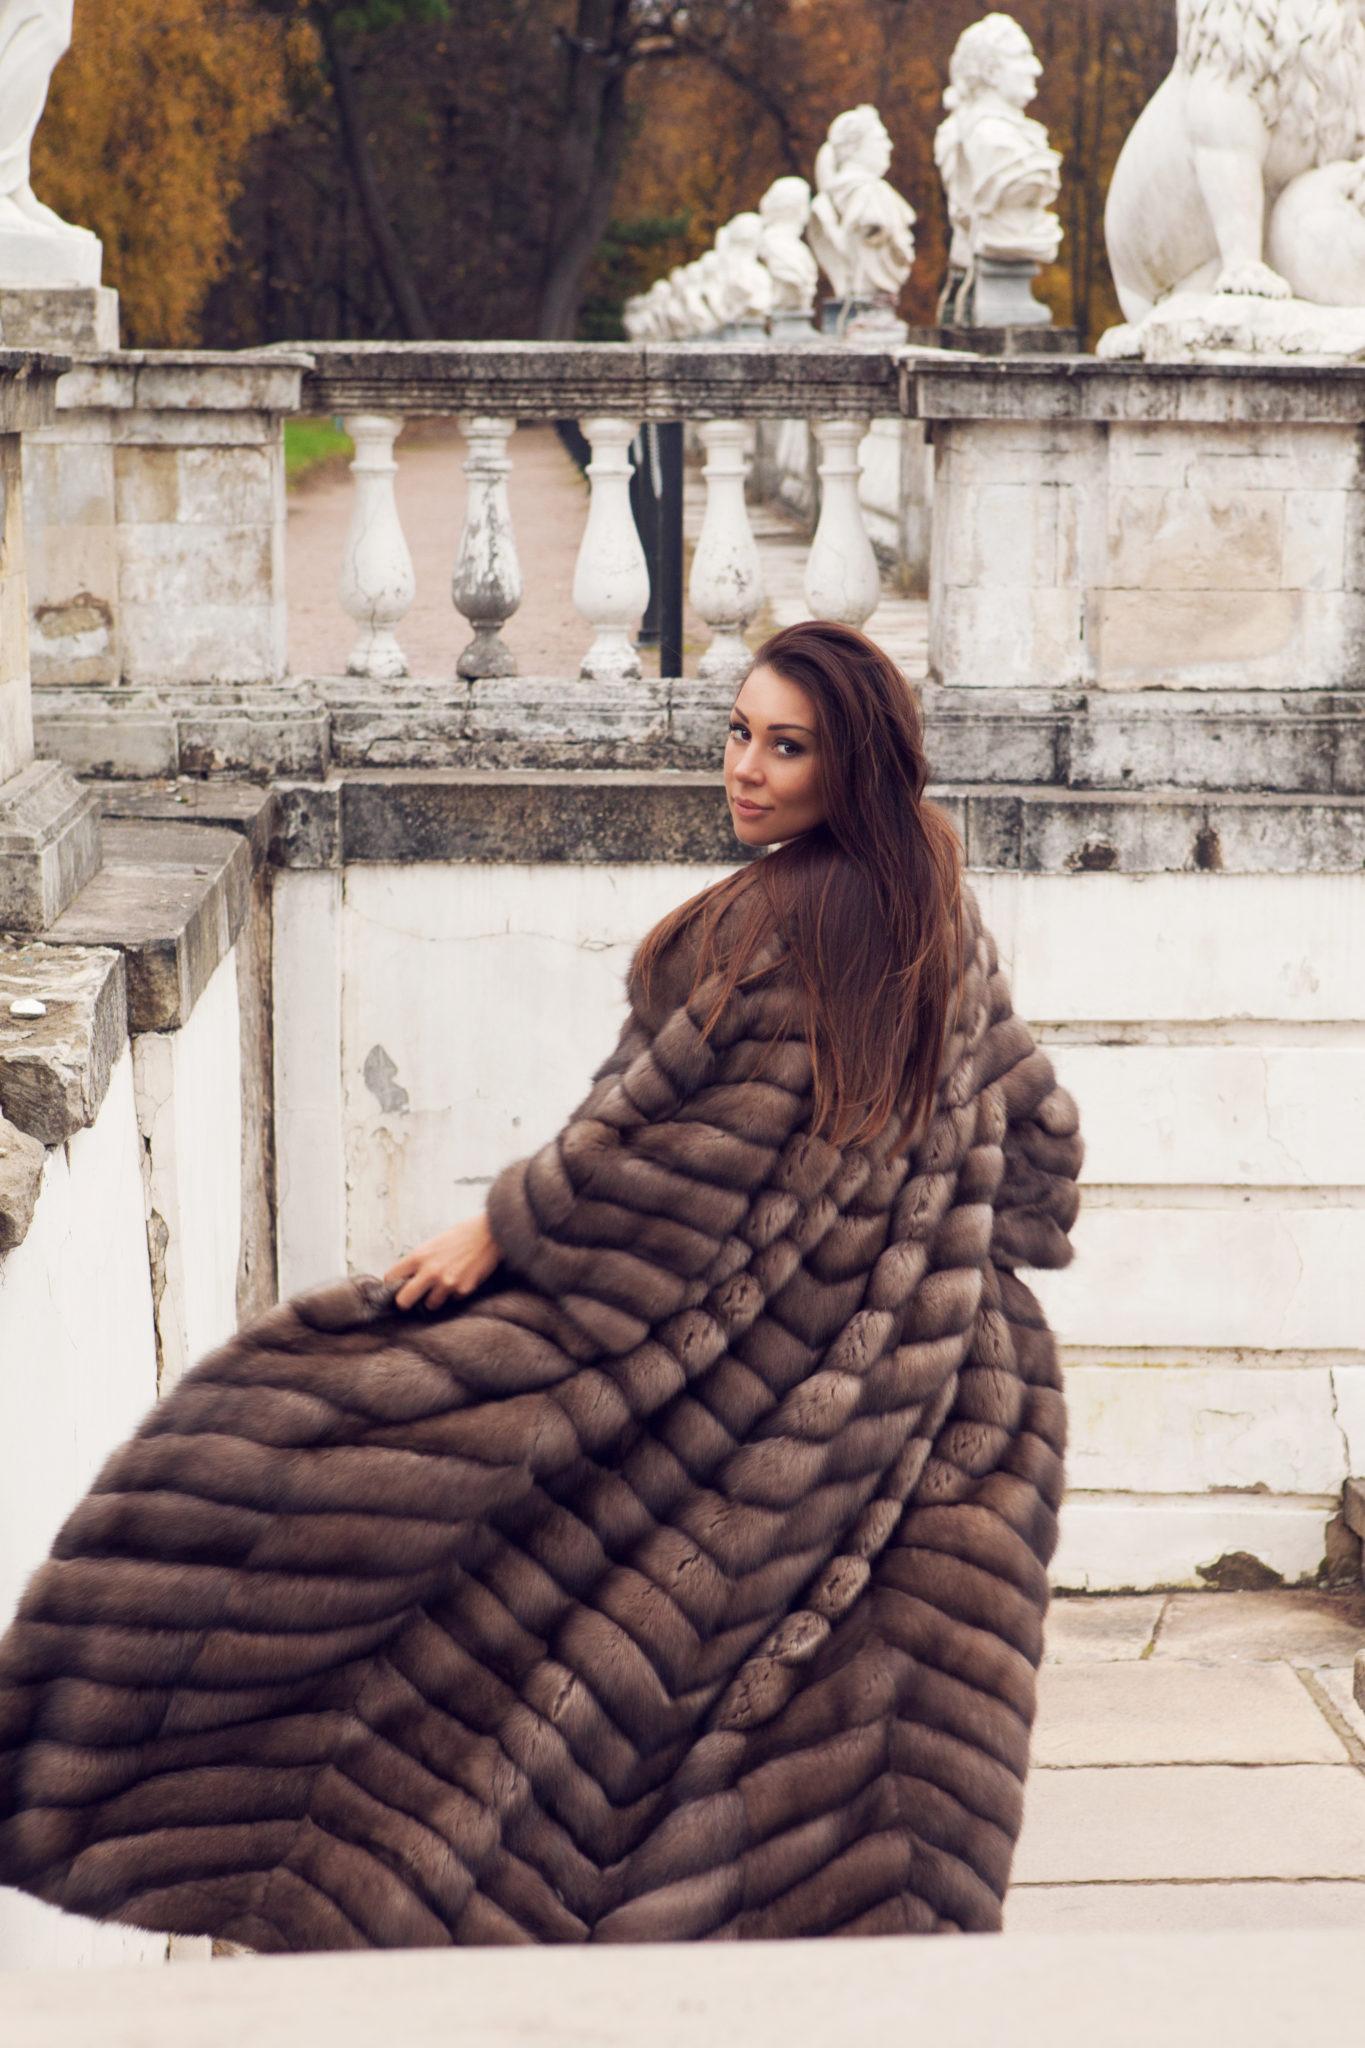 Мода и дизайн. Интервью с создательницей бренда Marina de Golle.